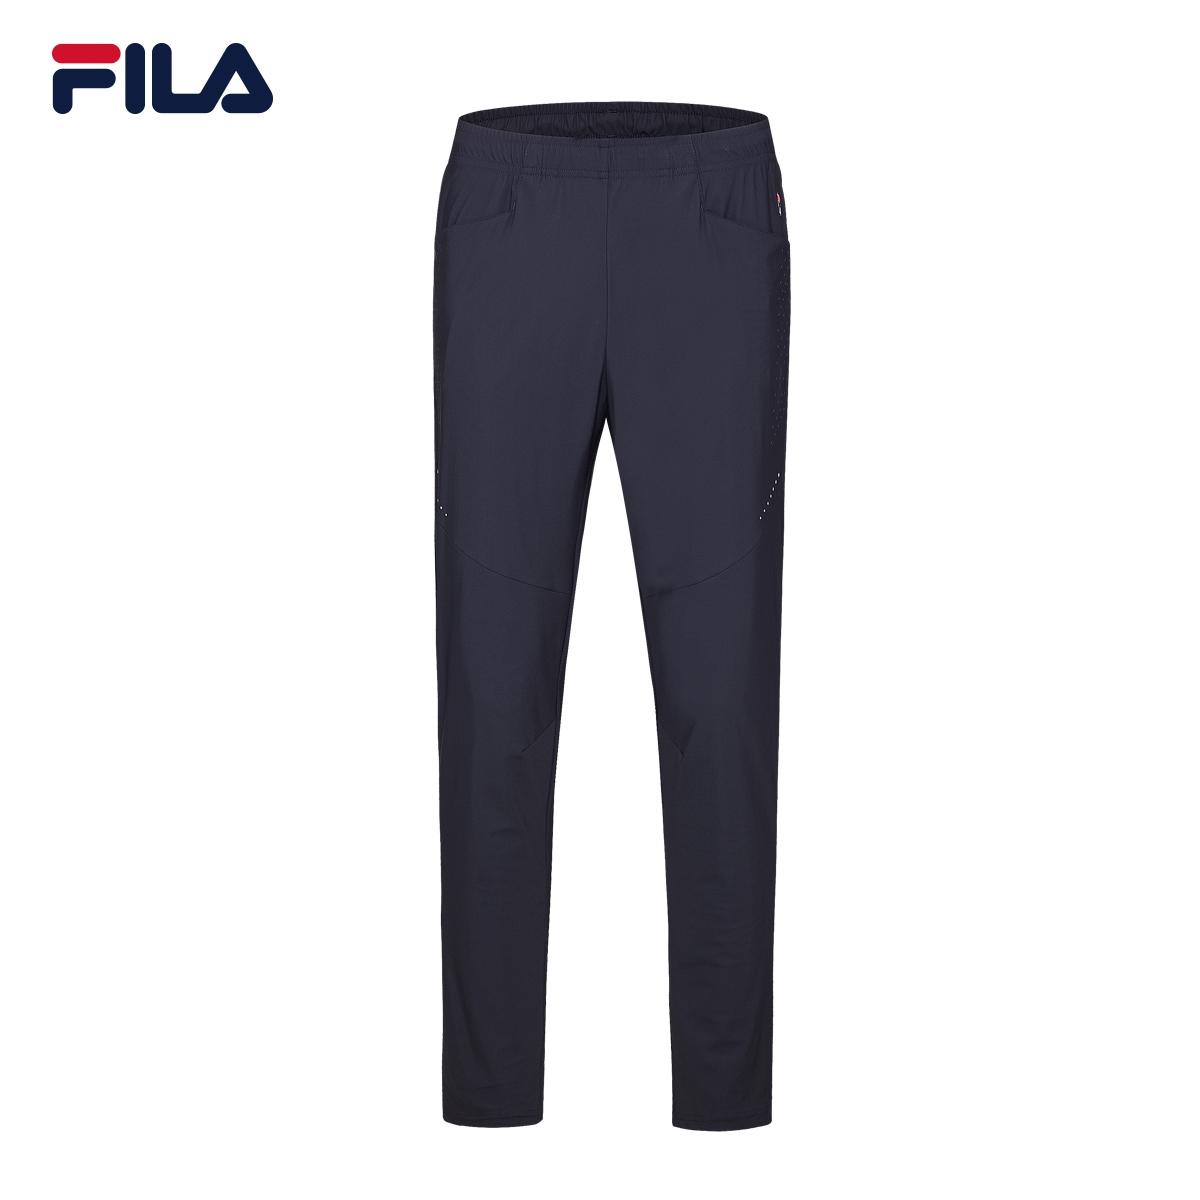 FILA斐乐男长裤2018夏季新款时尚休闲运动舒适耐磨针织长裤